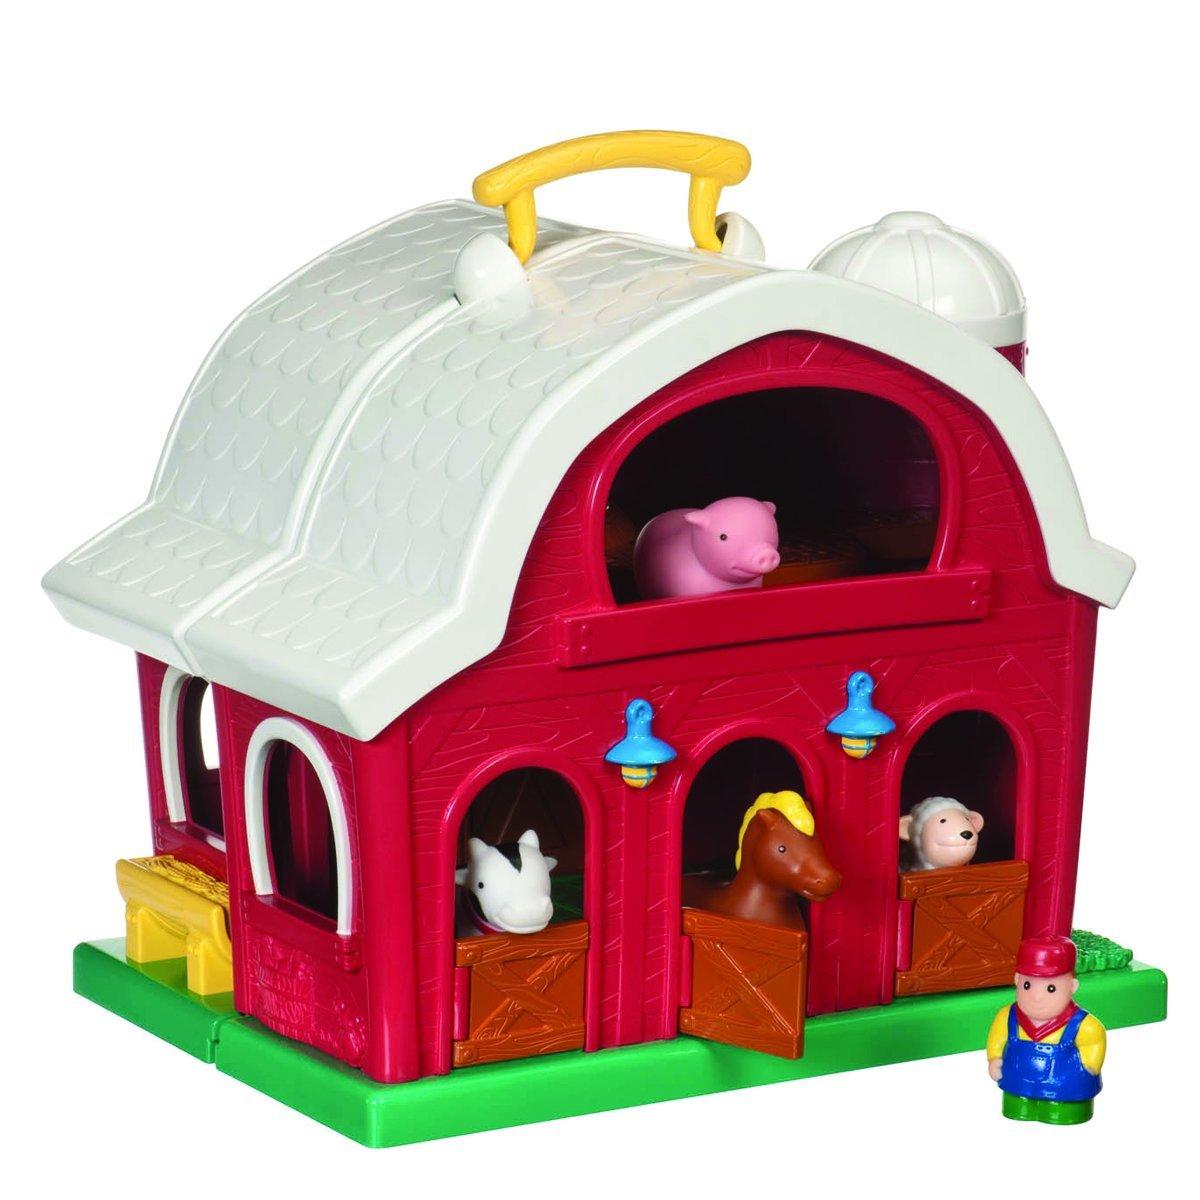 Battat Farm House The play set includes a farmer and four 4 cute farm animals to play with.